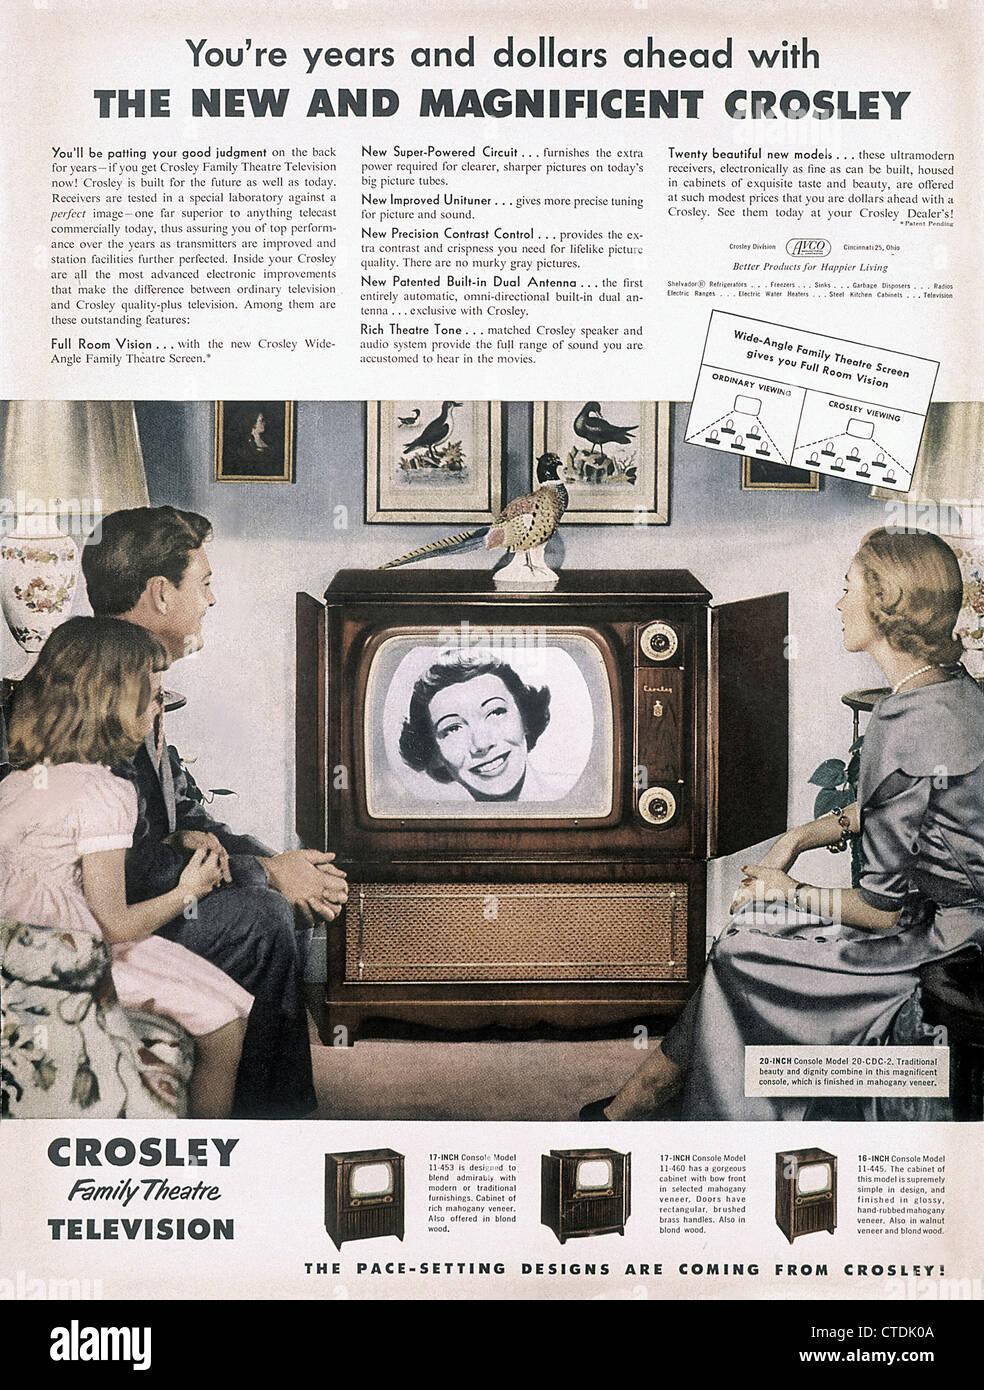 1950er Jahre Magazin Werbung für Crosley Fernsehen eingestellt zeigt Familie vor dem Fernseher. Stockbild